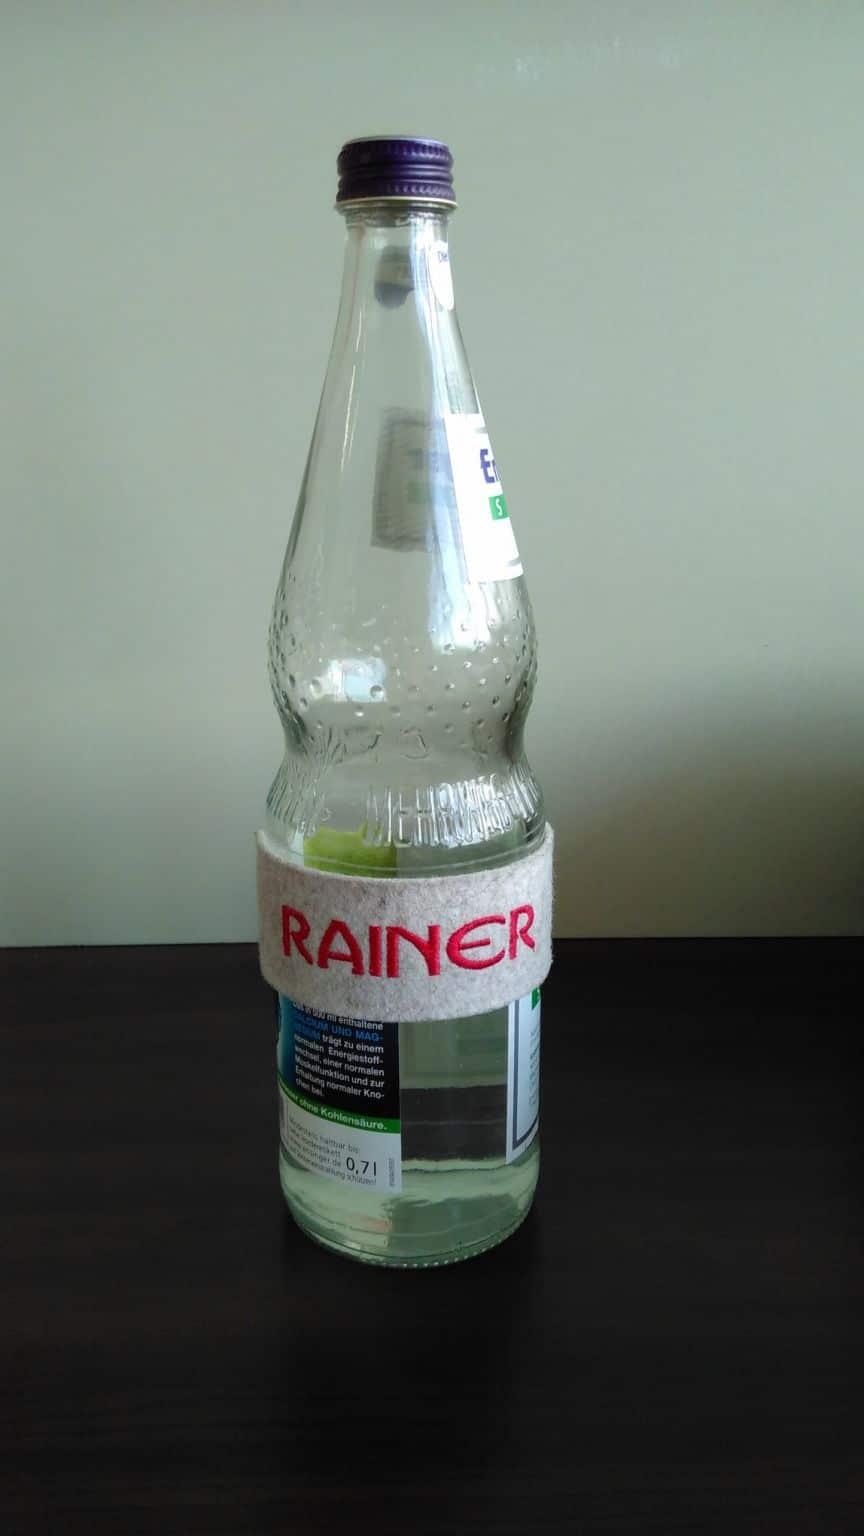 Bandelette nominative sur bouteille d'eau : Rainer